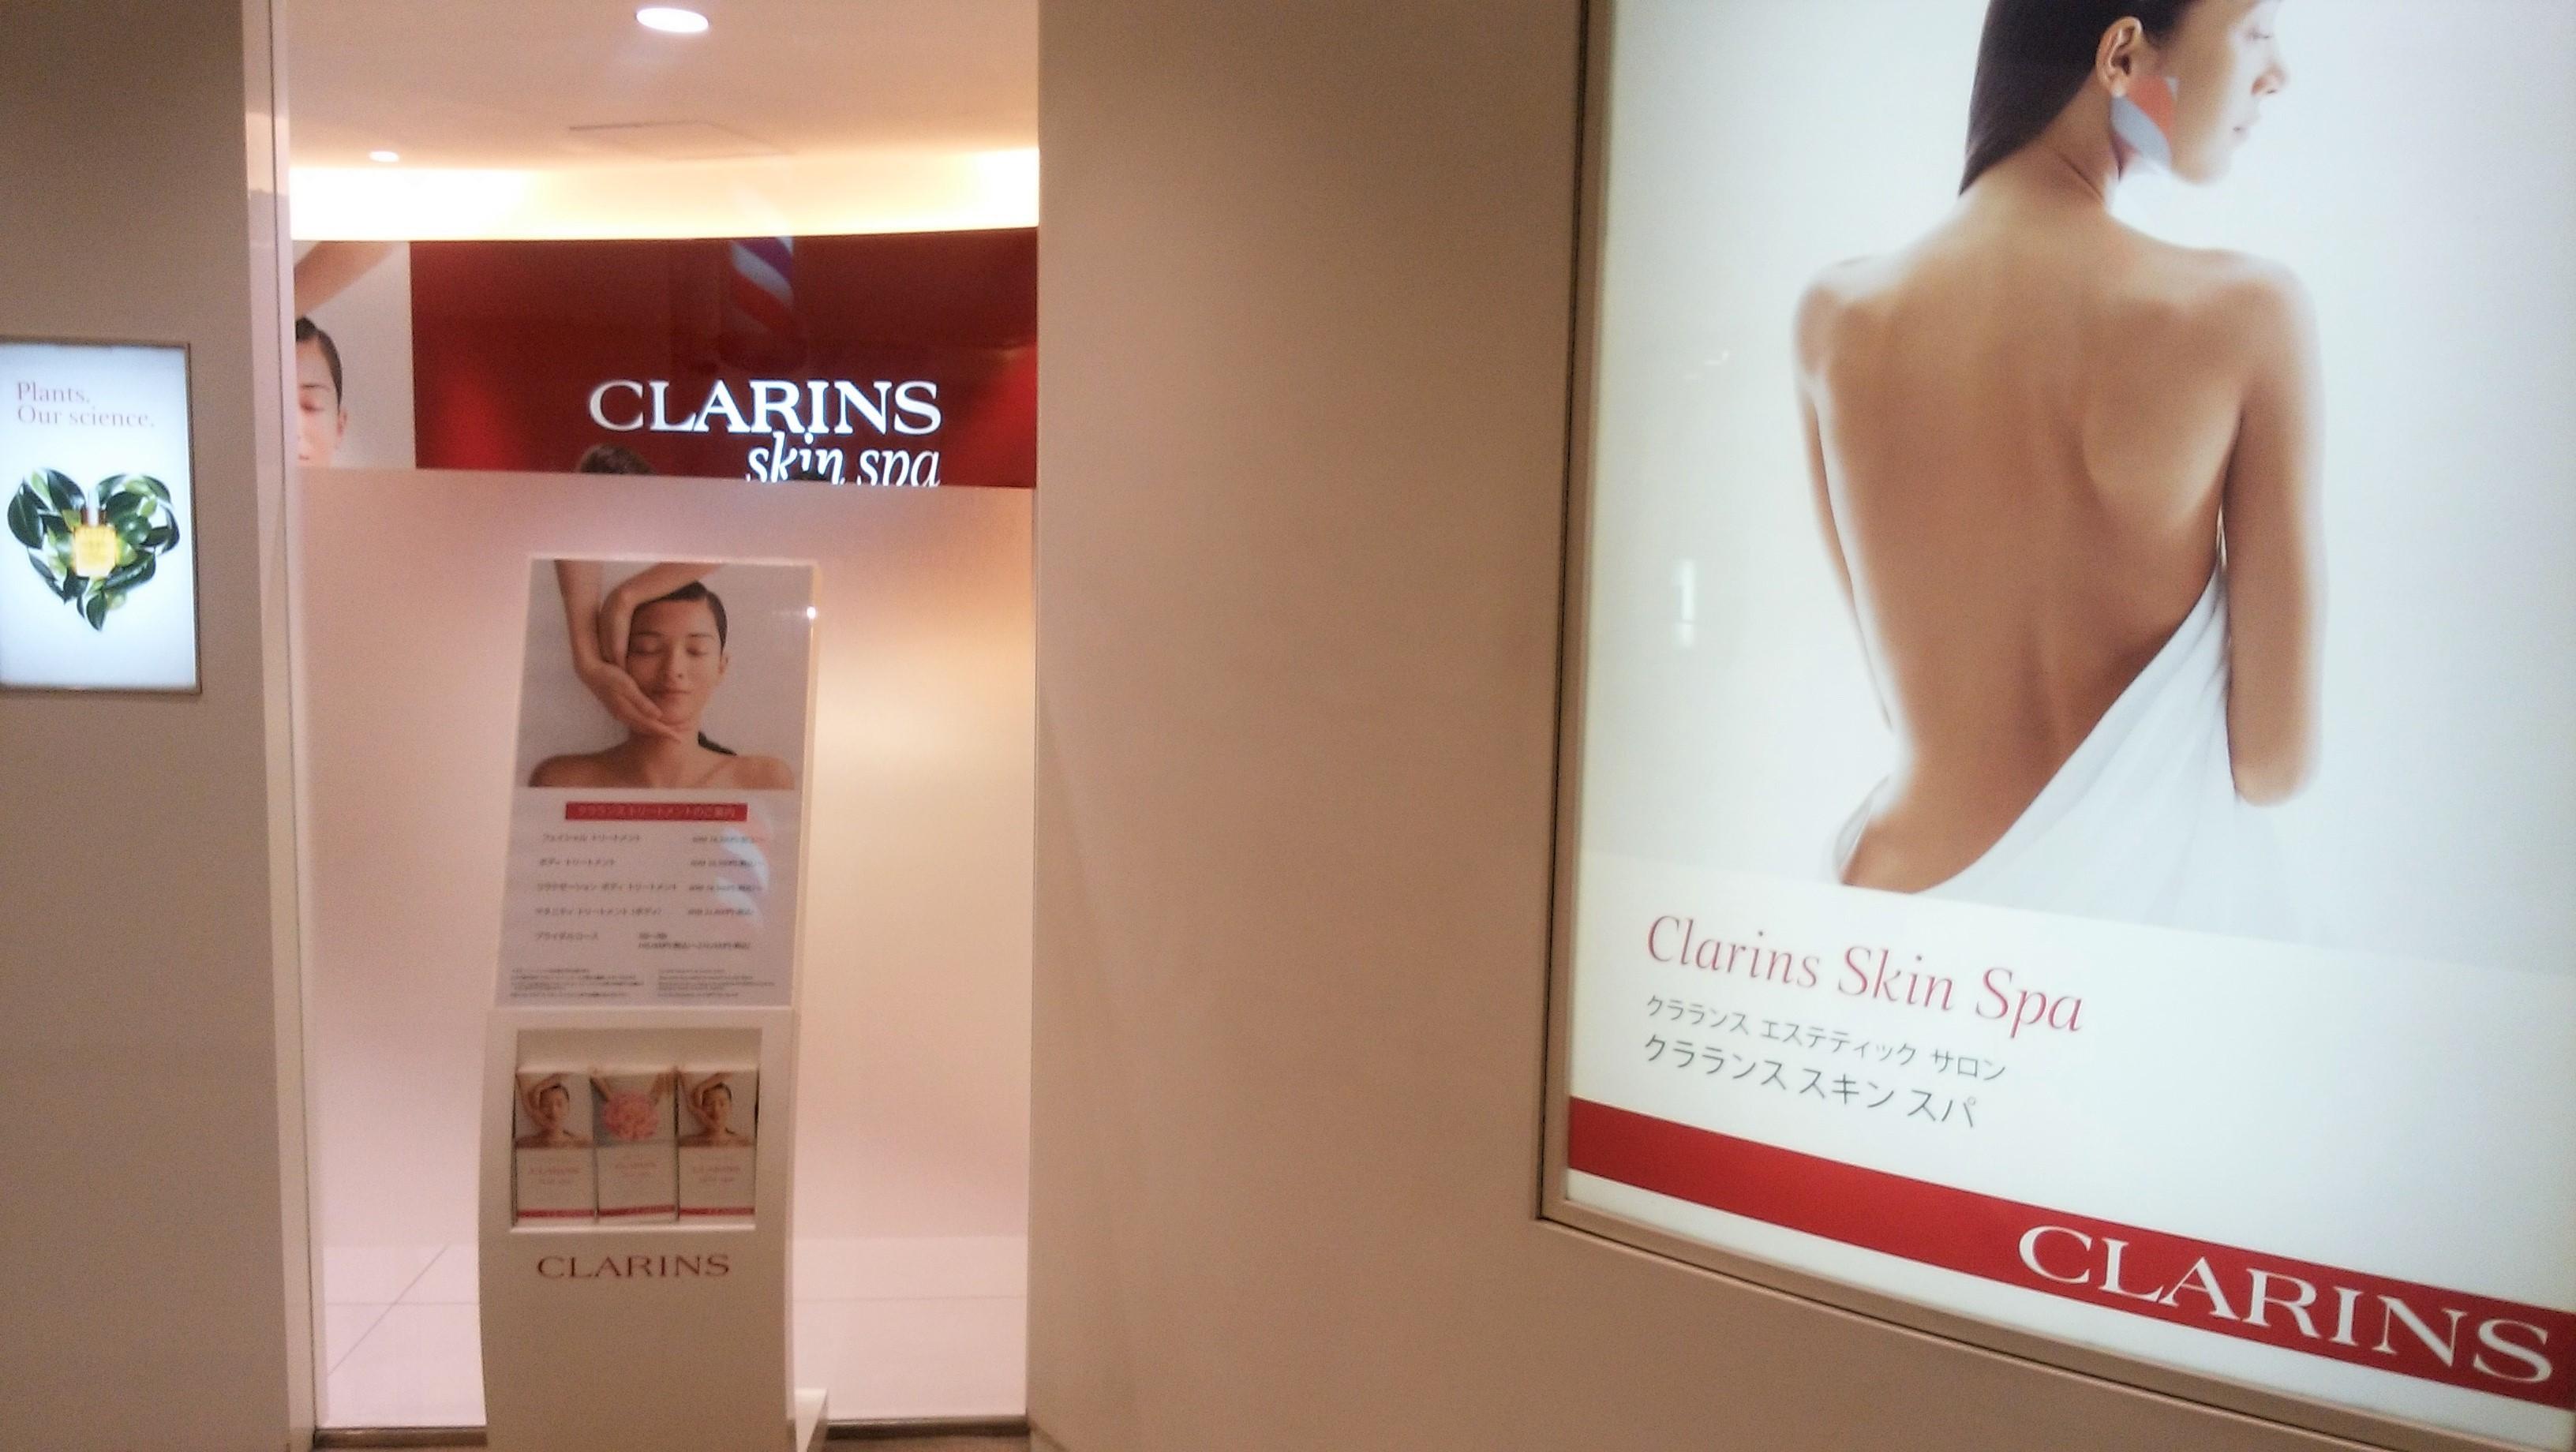 「CLARINS skin spa」 で夏のお肌のお手入れ♡_1_1-2